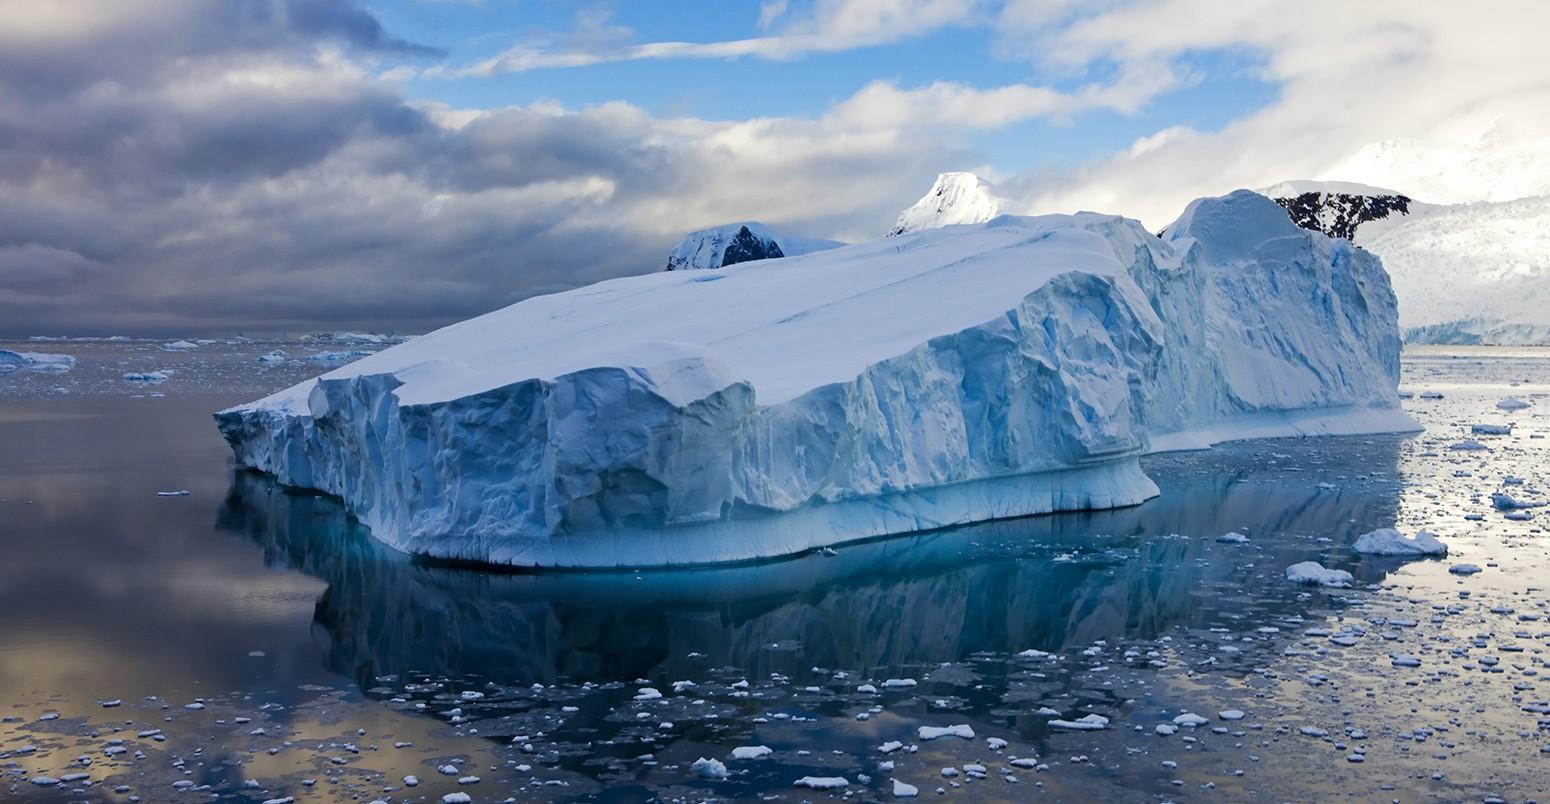 NASA công bố hình ảnh tảng băng trôi hình chữ nhật vuông thành sắc cạnh, xưa nay chưa nhìn thấy bao giờ 2